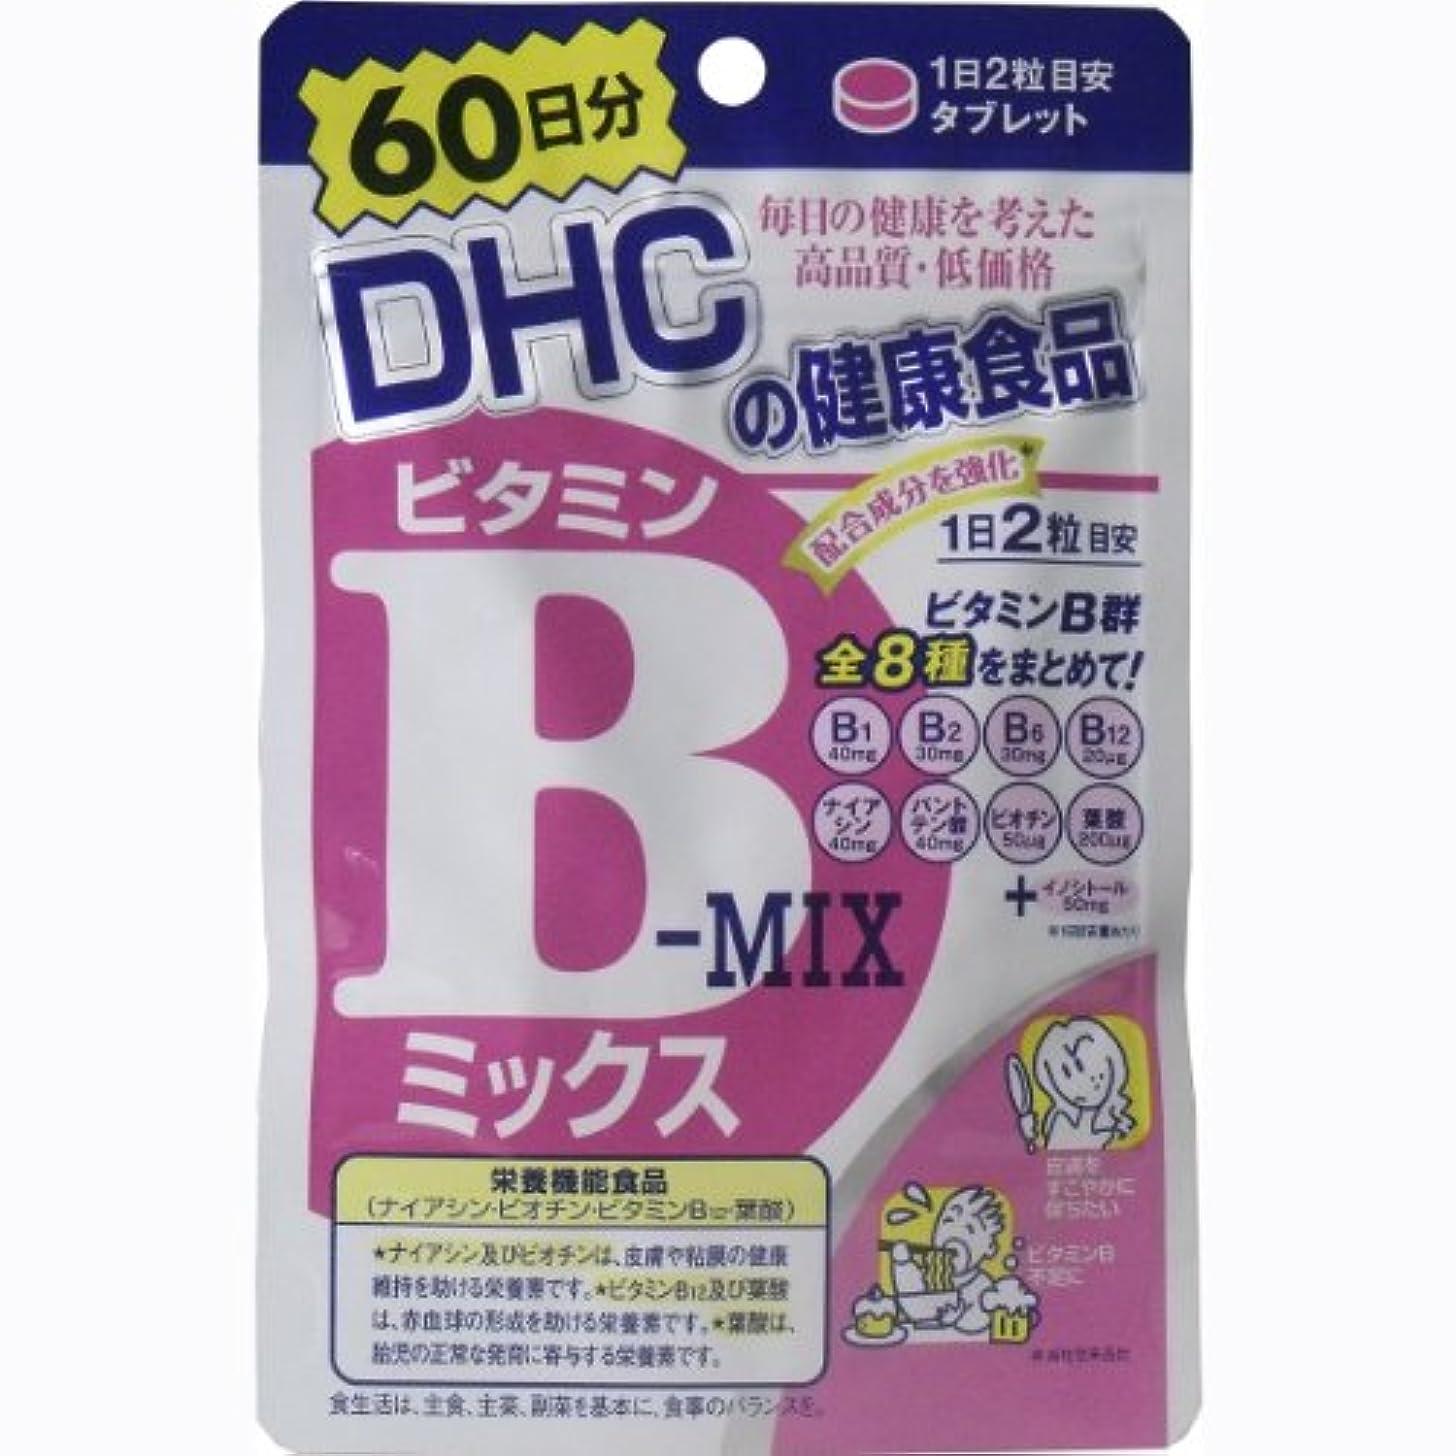 値下げびっくりするサスペンドDHC ビタミンBミックス 120粒 60日分 ×10個セット